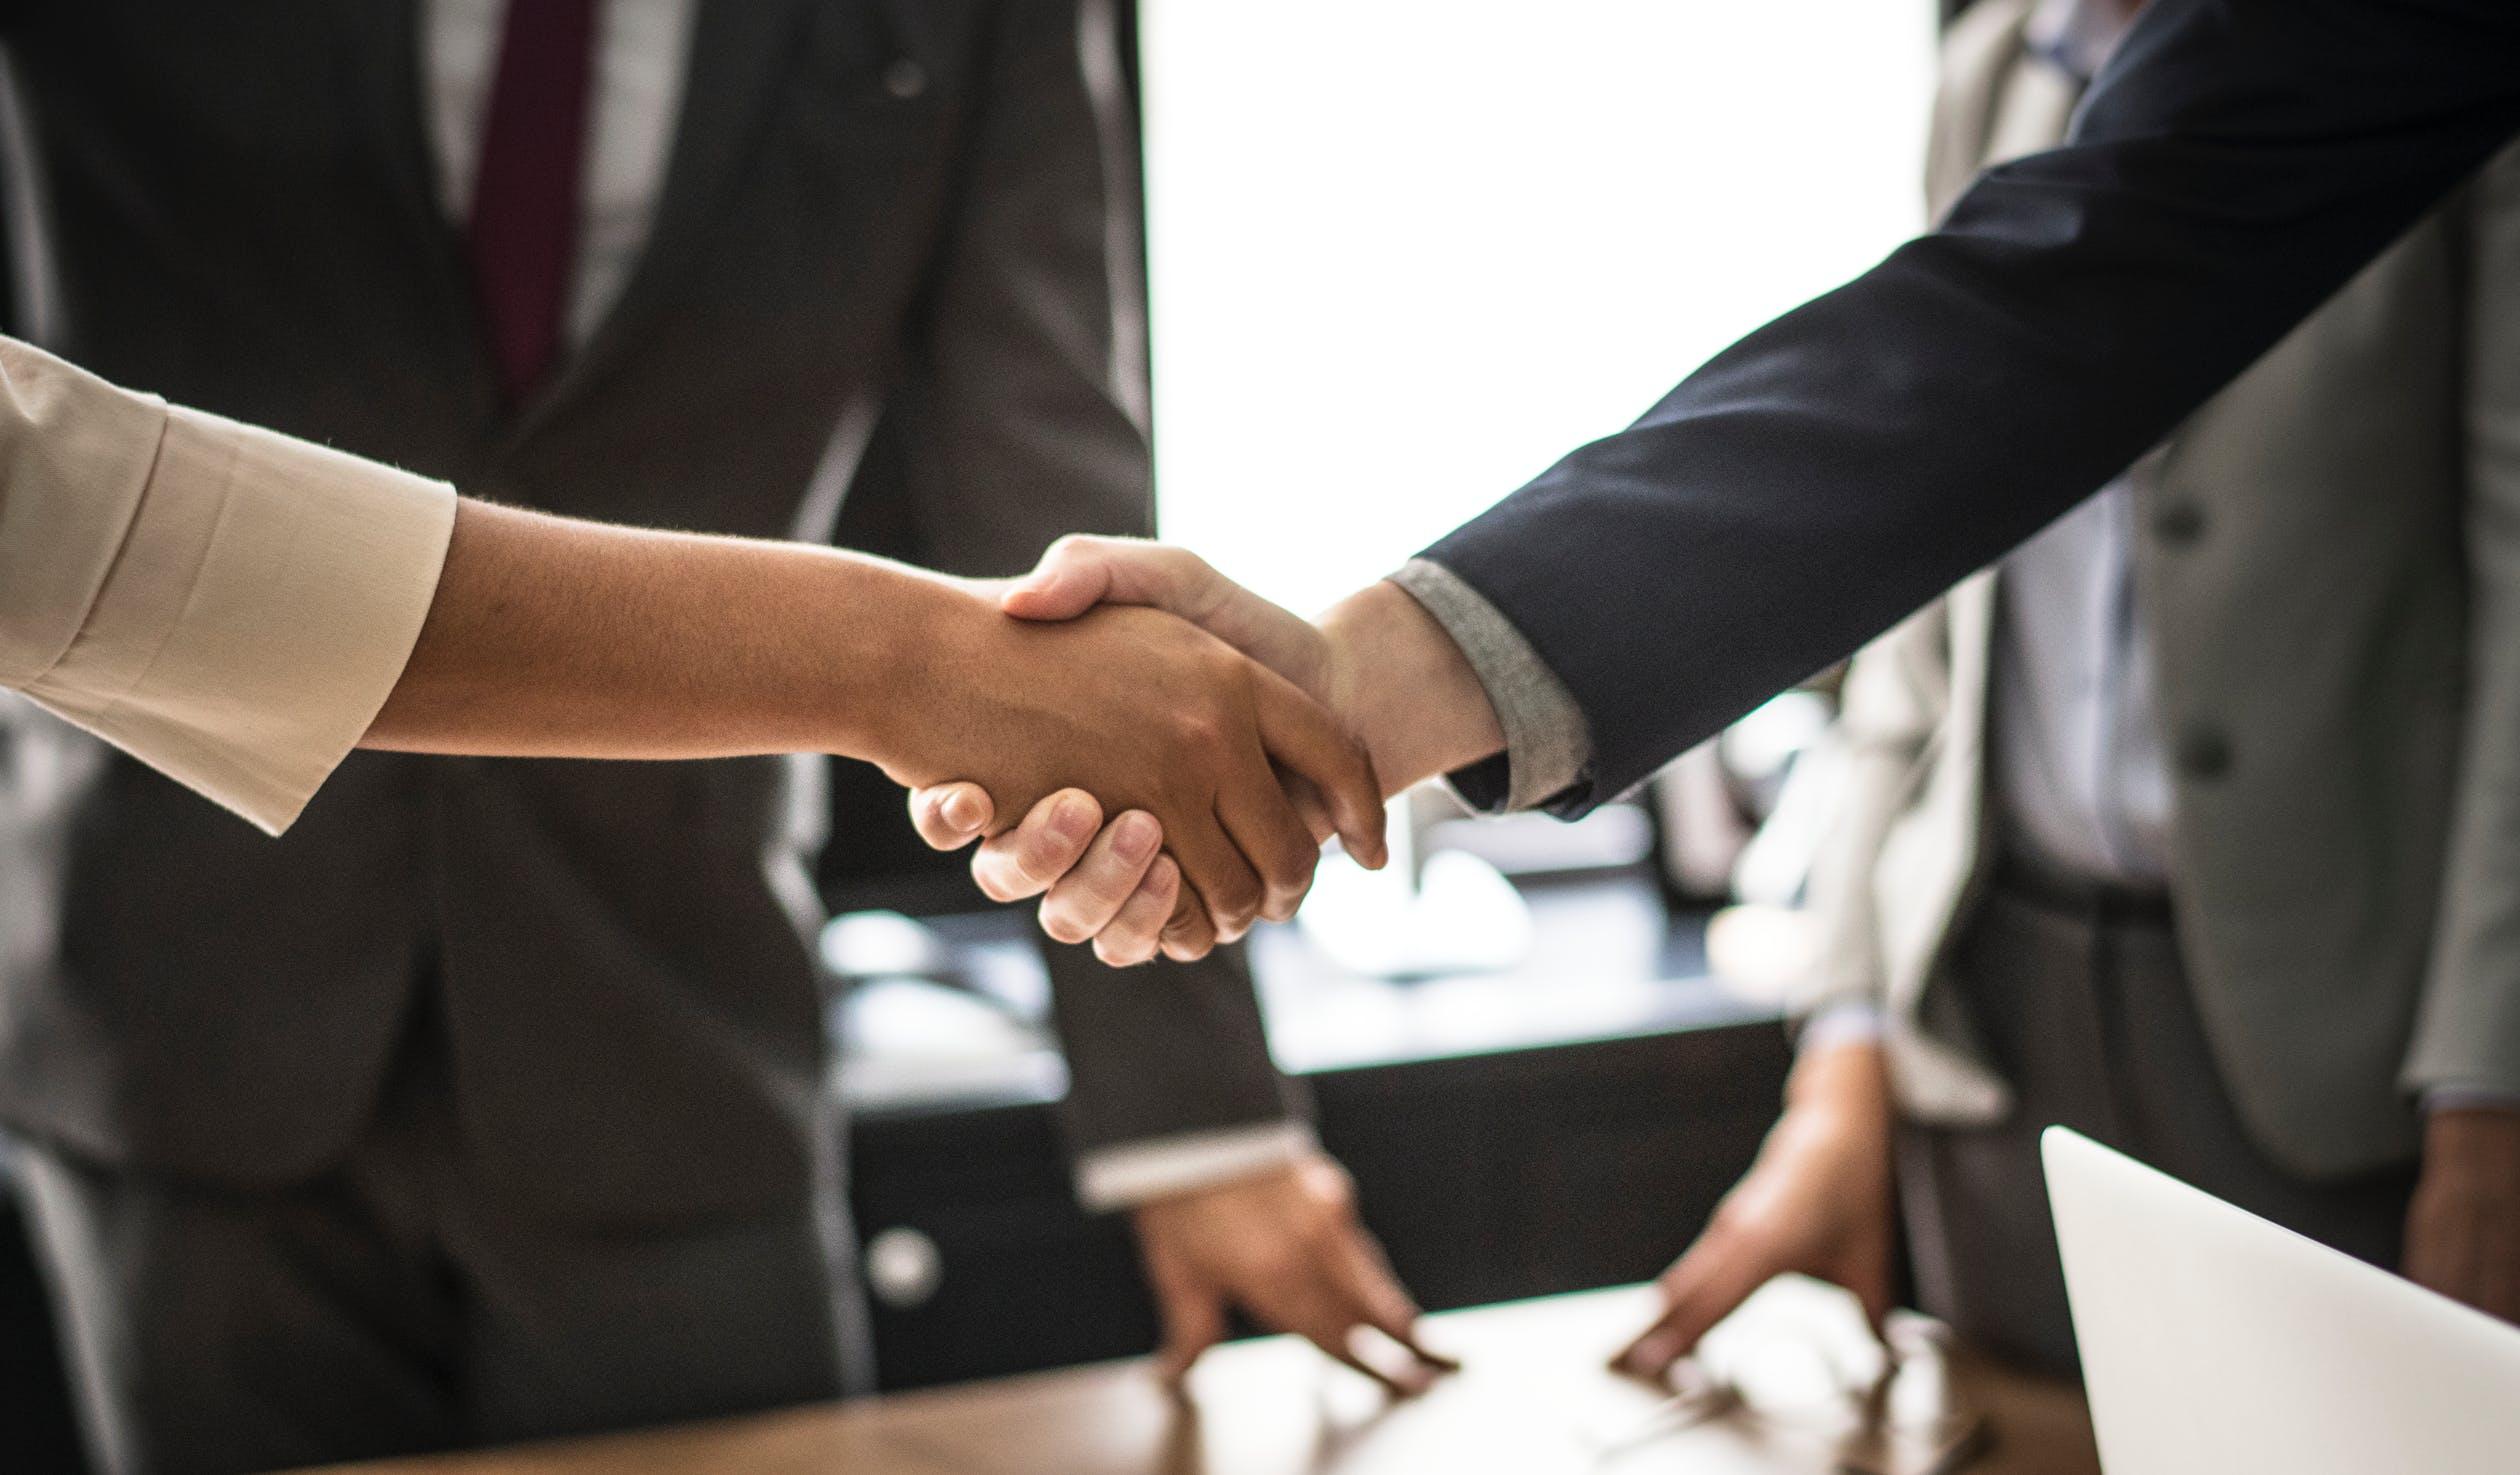 Handshake closing escrow